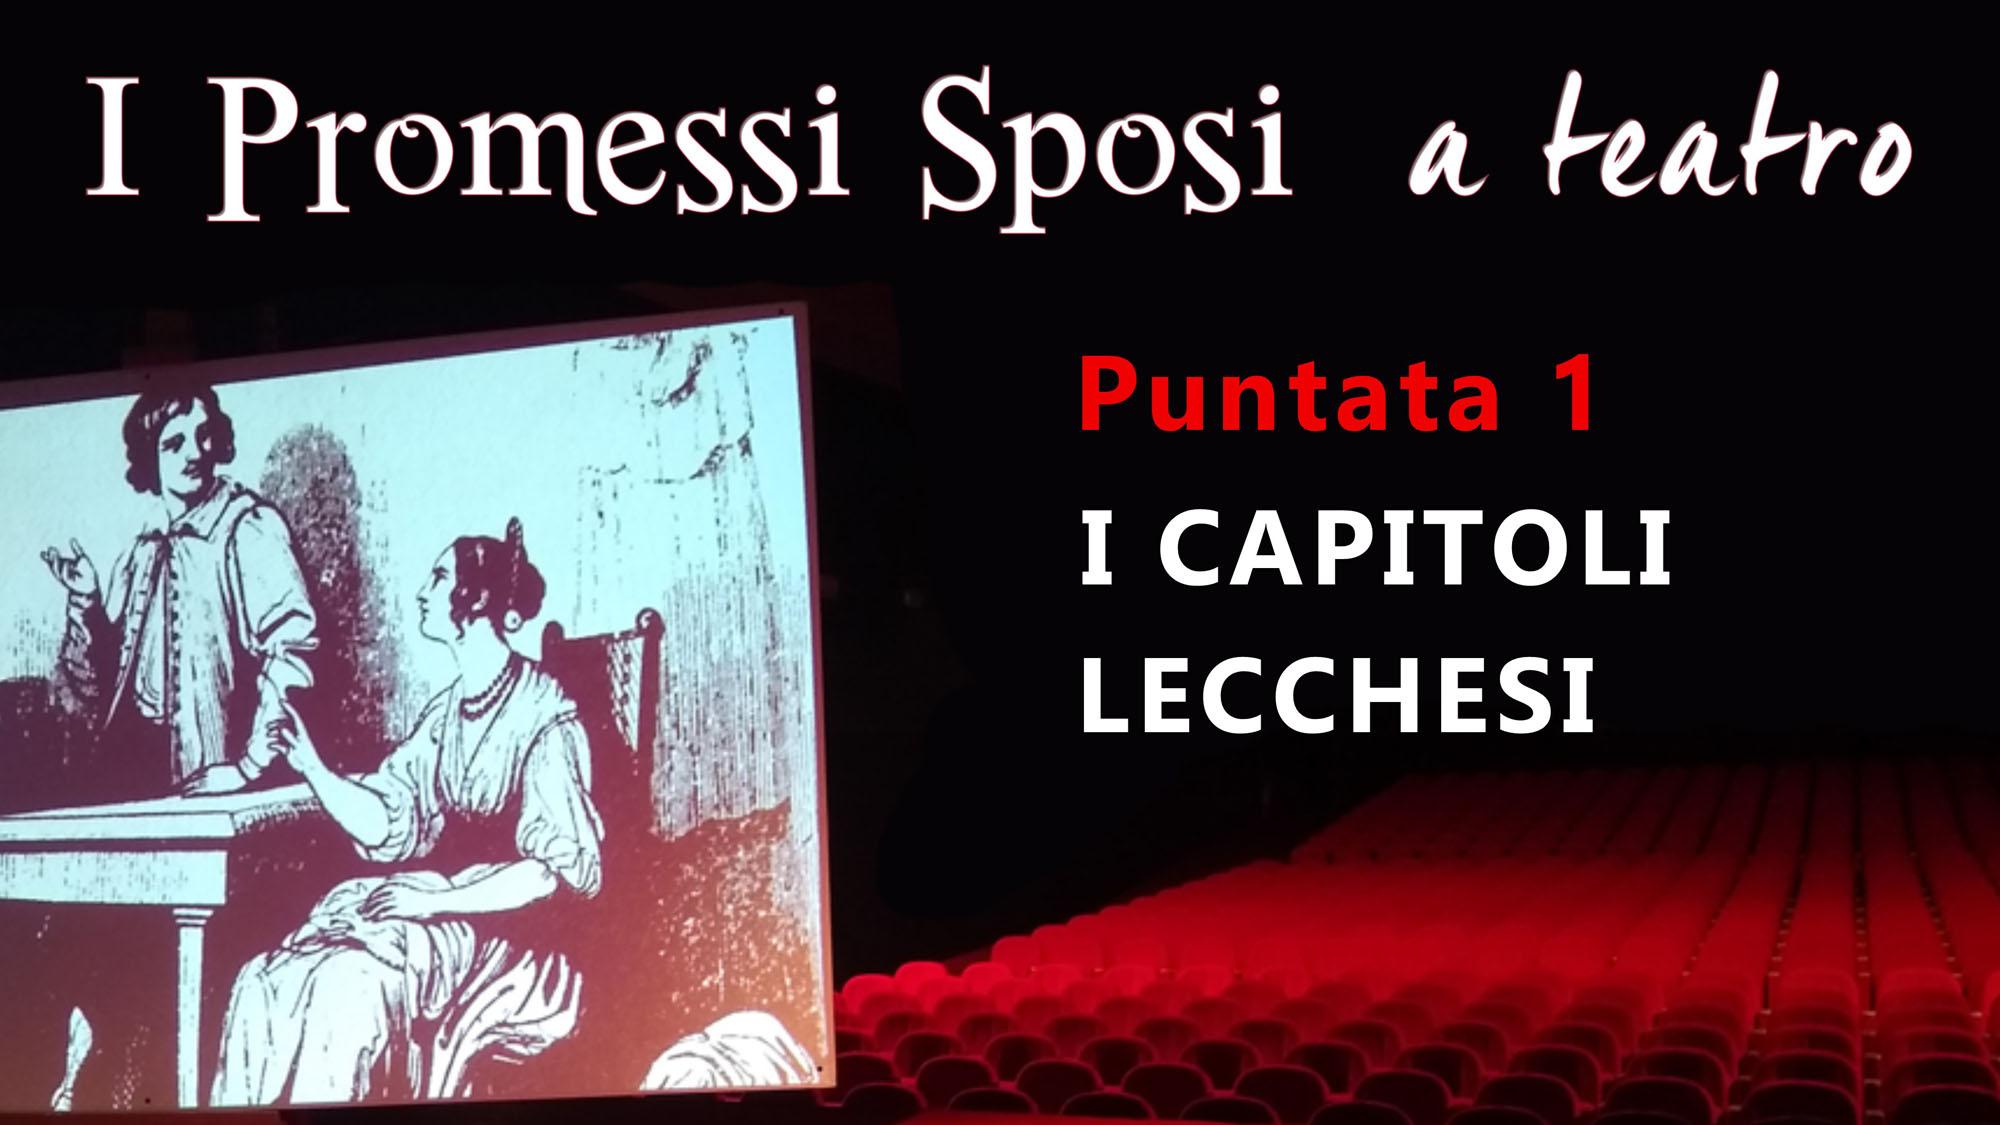 I Promessi Sposi a teatro Letterevive Moratti